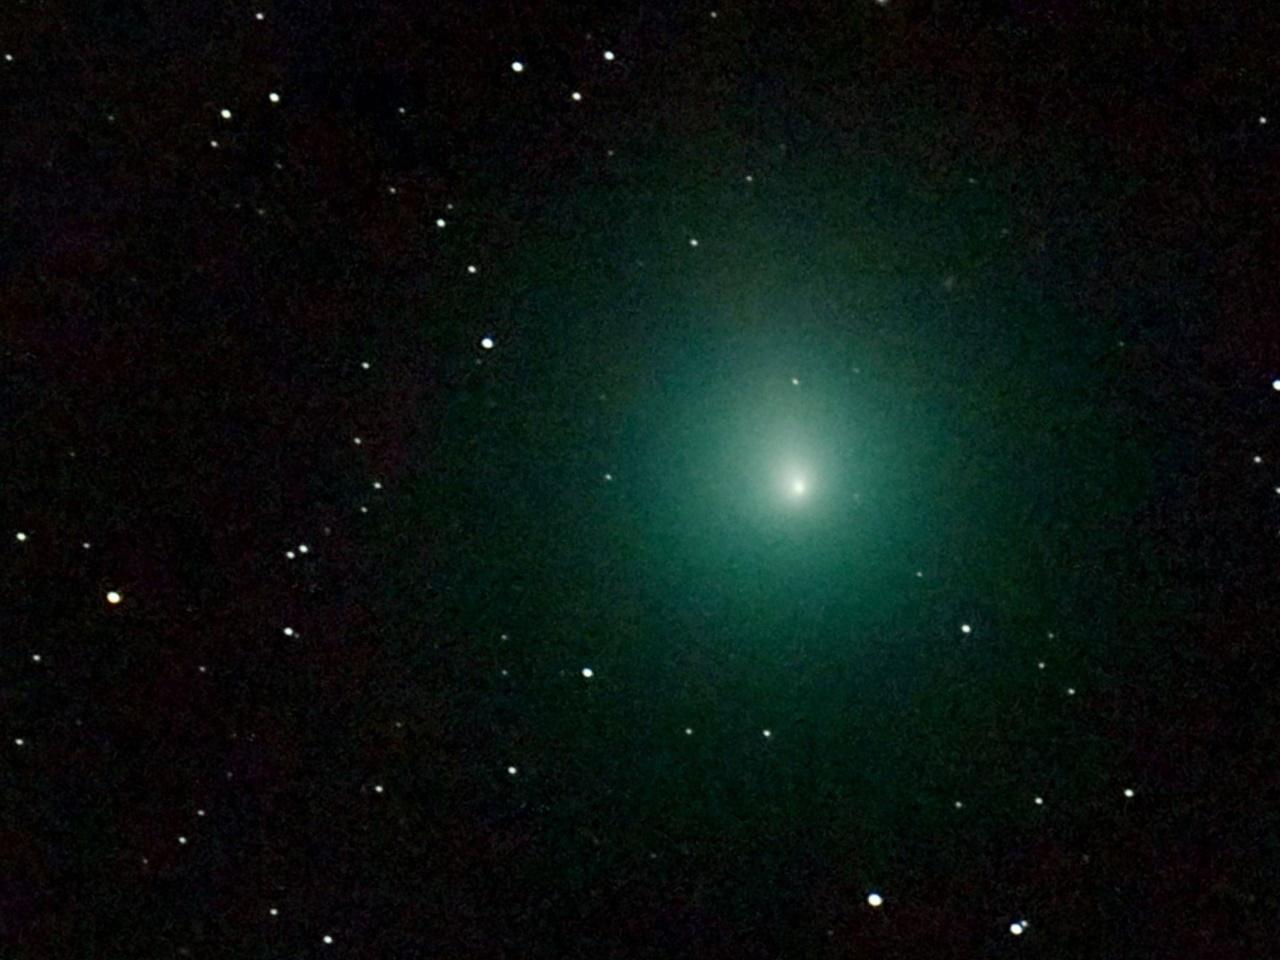 Der Komet Wirtanen leuchtet hell